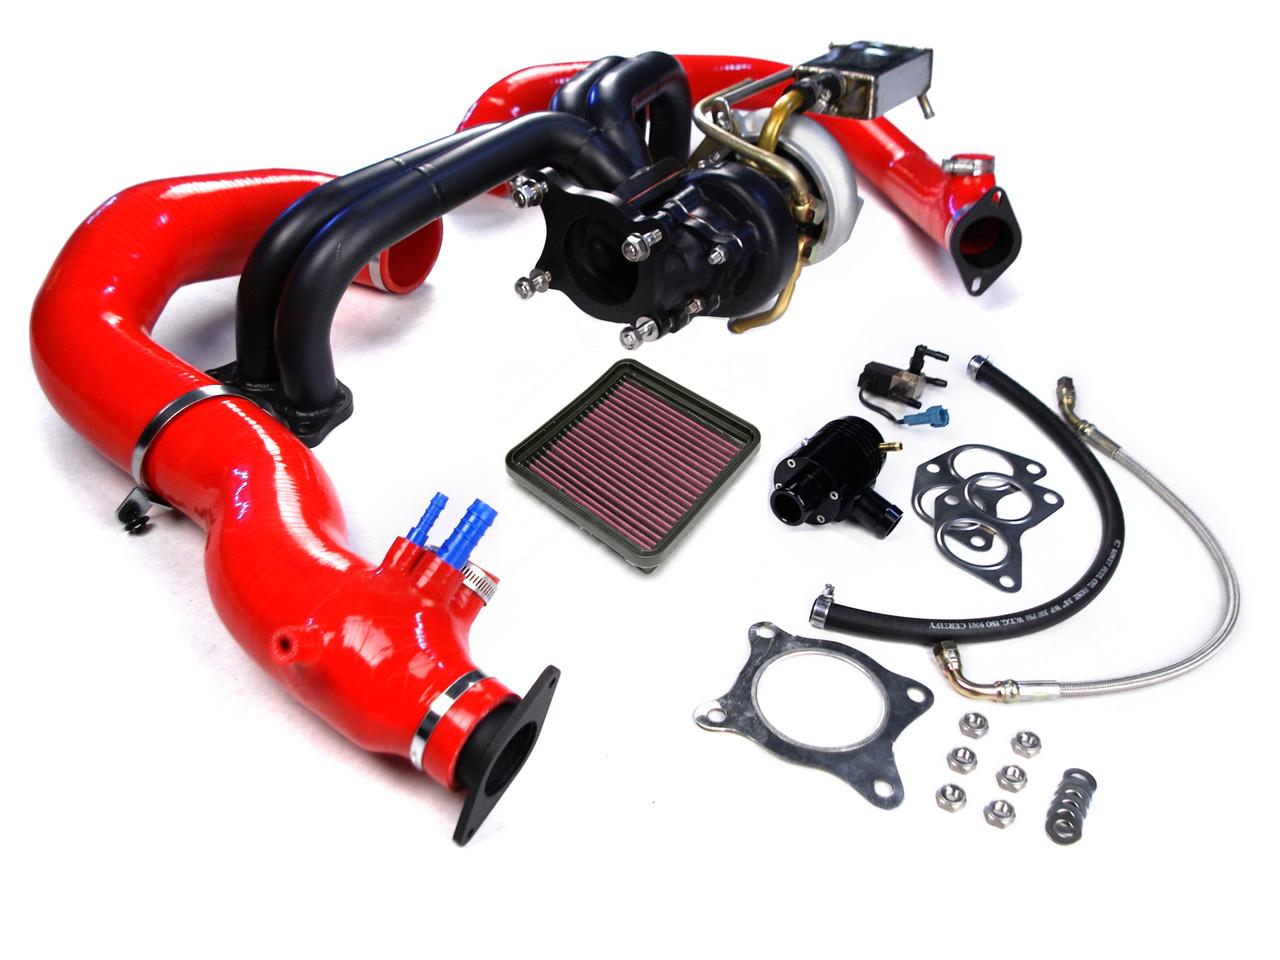 TurboTurbo Kit Impreza WRX FA20F S2A15GT71120T